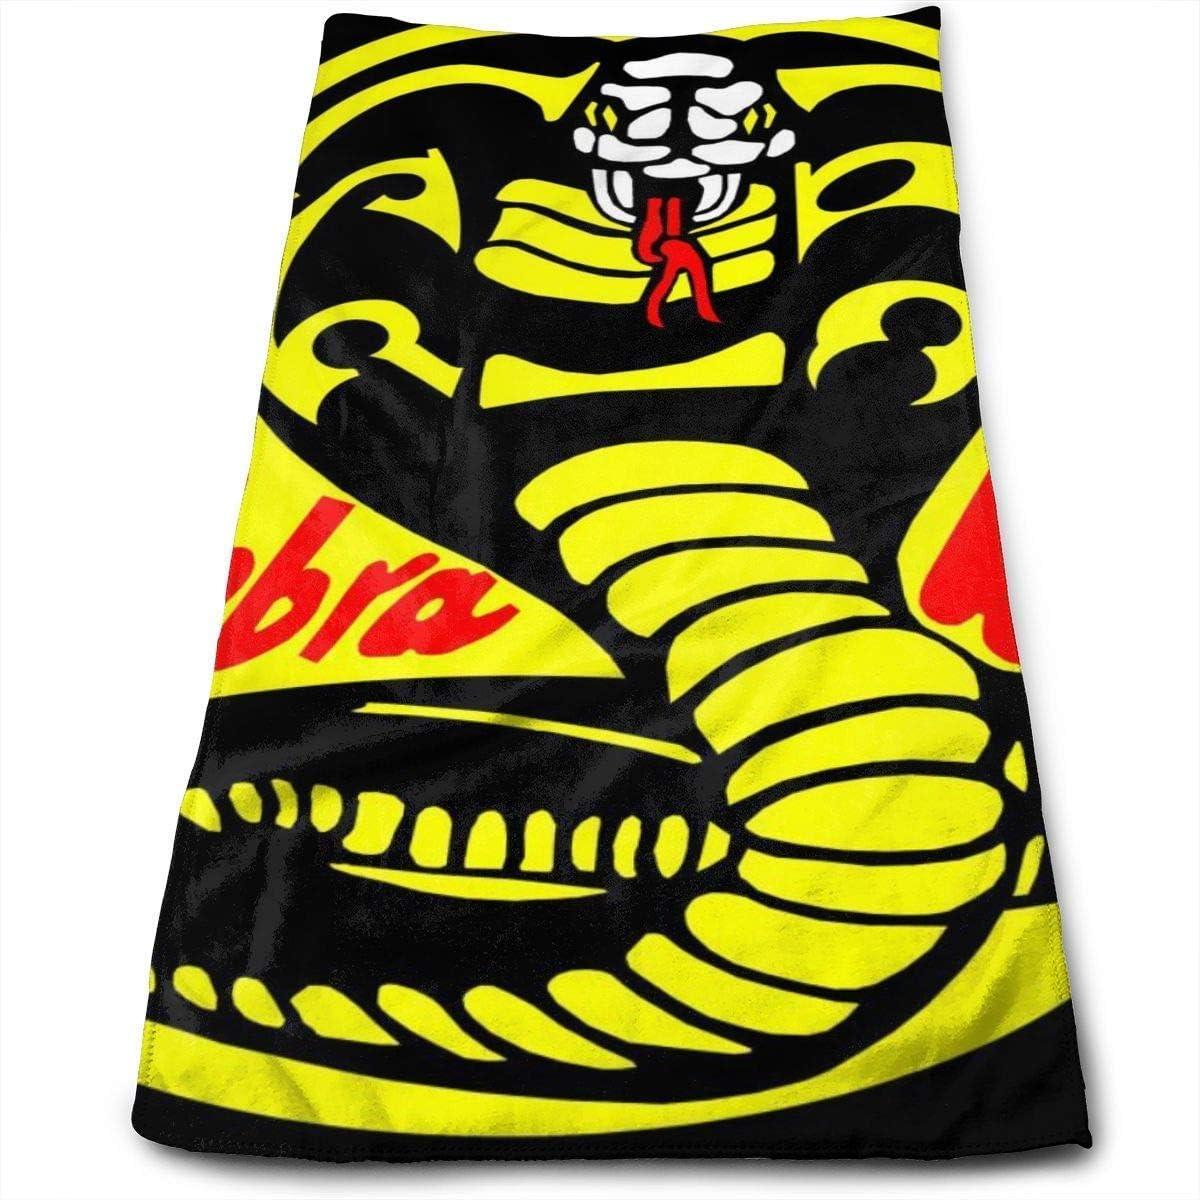 rtuuruyuy Badet/ücher Stranddecke Handtuch Cobra Kai Karate Dojo gro/ß weich Bett Strandtuch Badset Badzubeh/ör